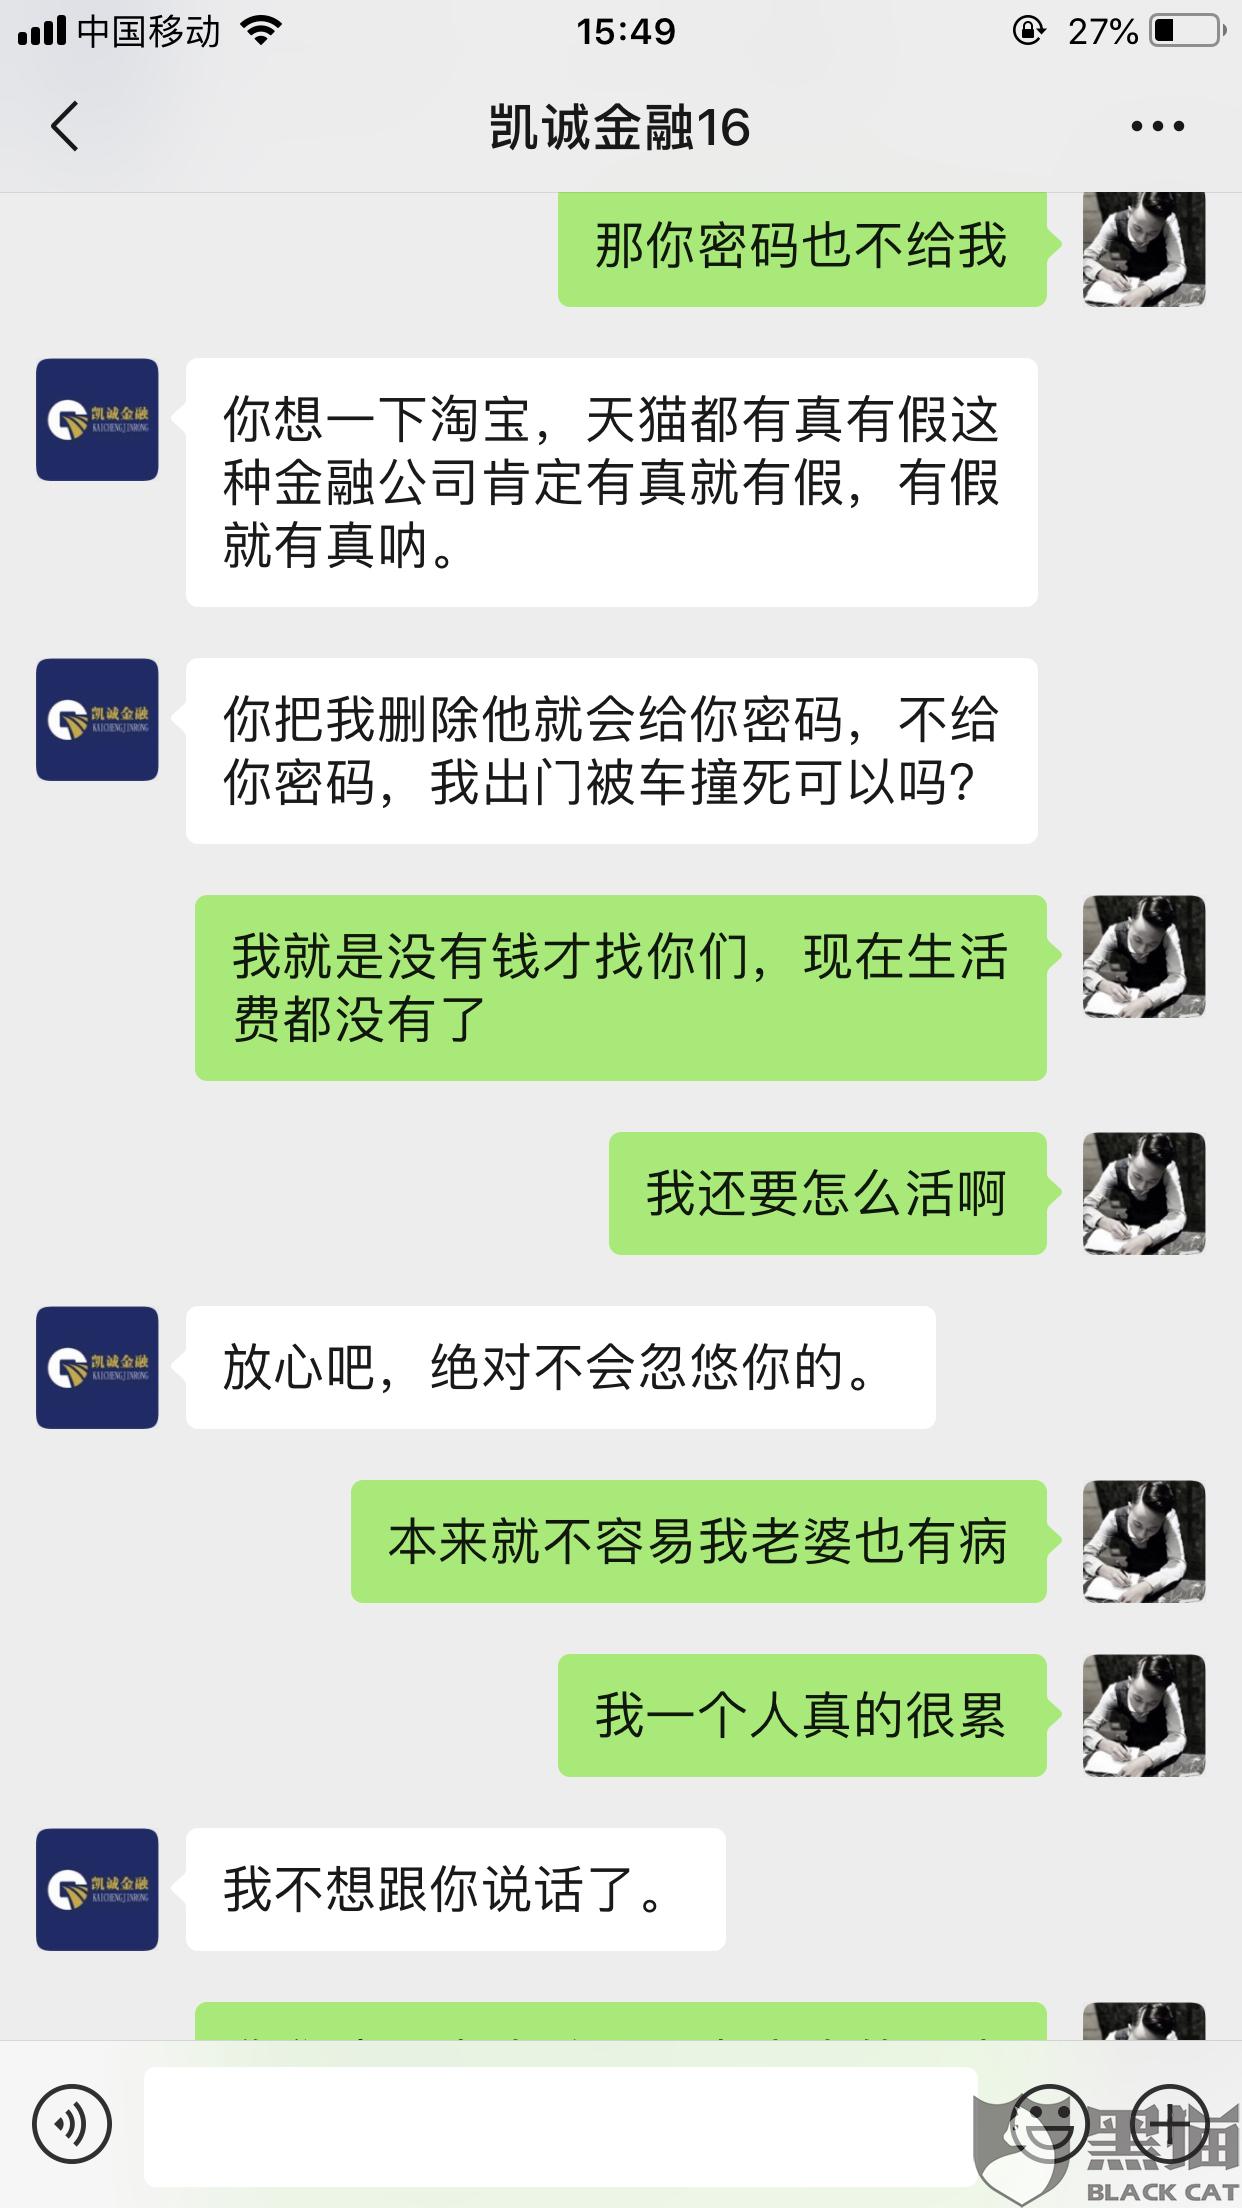 黑猫投诉:凯诚金融吴迪昂评论诈骗会员费,赶牛阿旗,以及贷款!